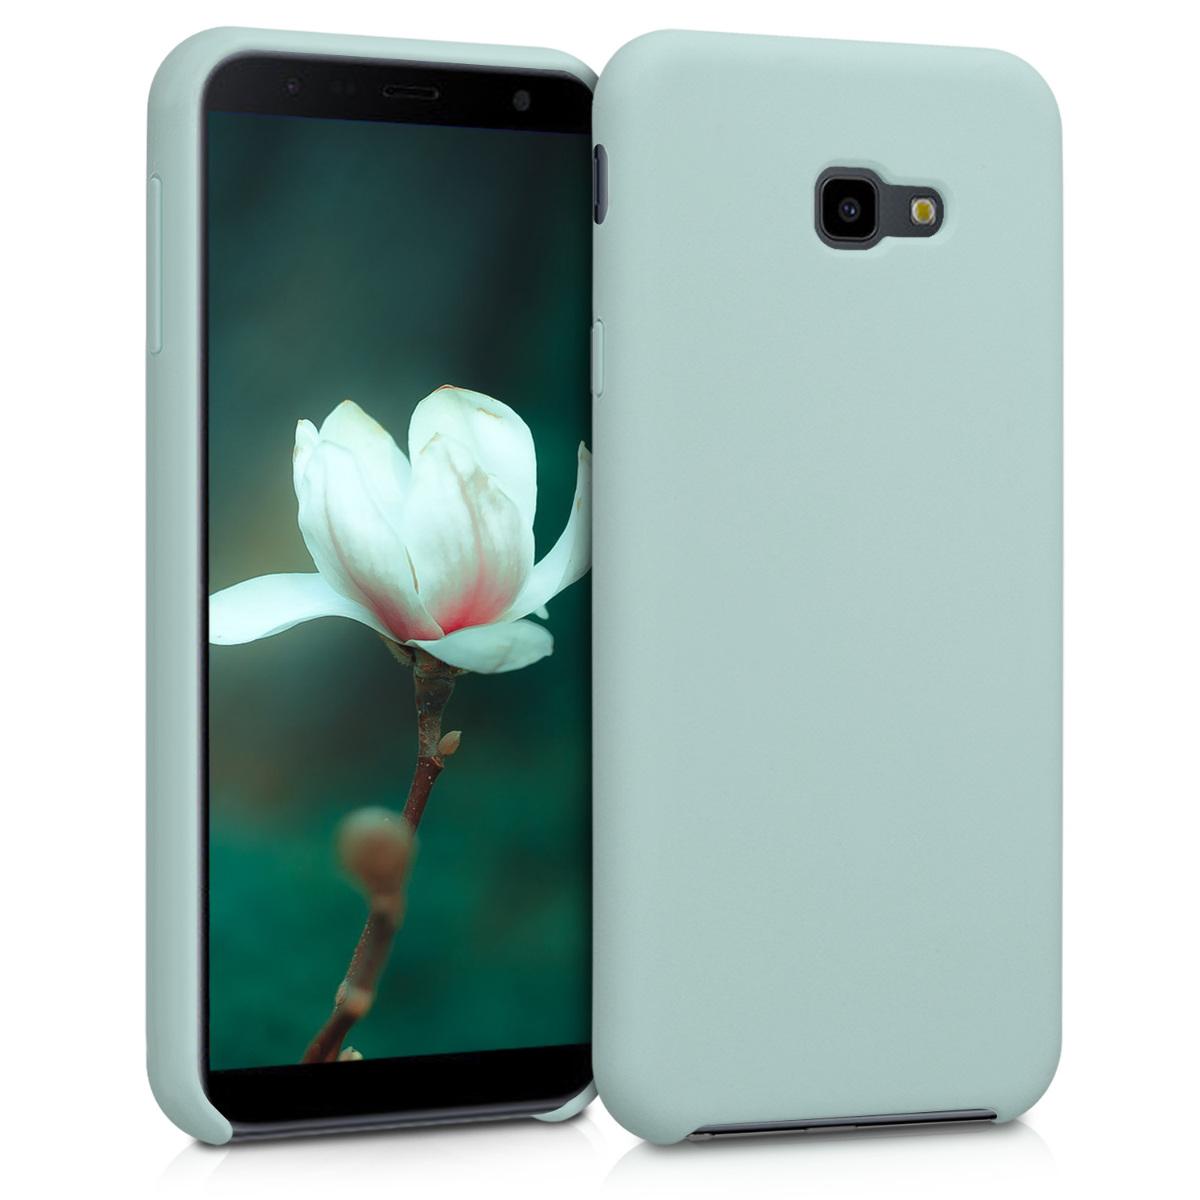 Kvalitní silikonové TPU pouzdro pro Samsung J4+ | J4 Plus DUOS - mint zelené matné